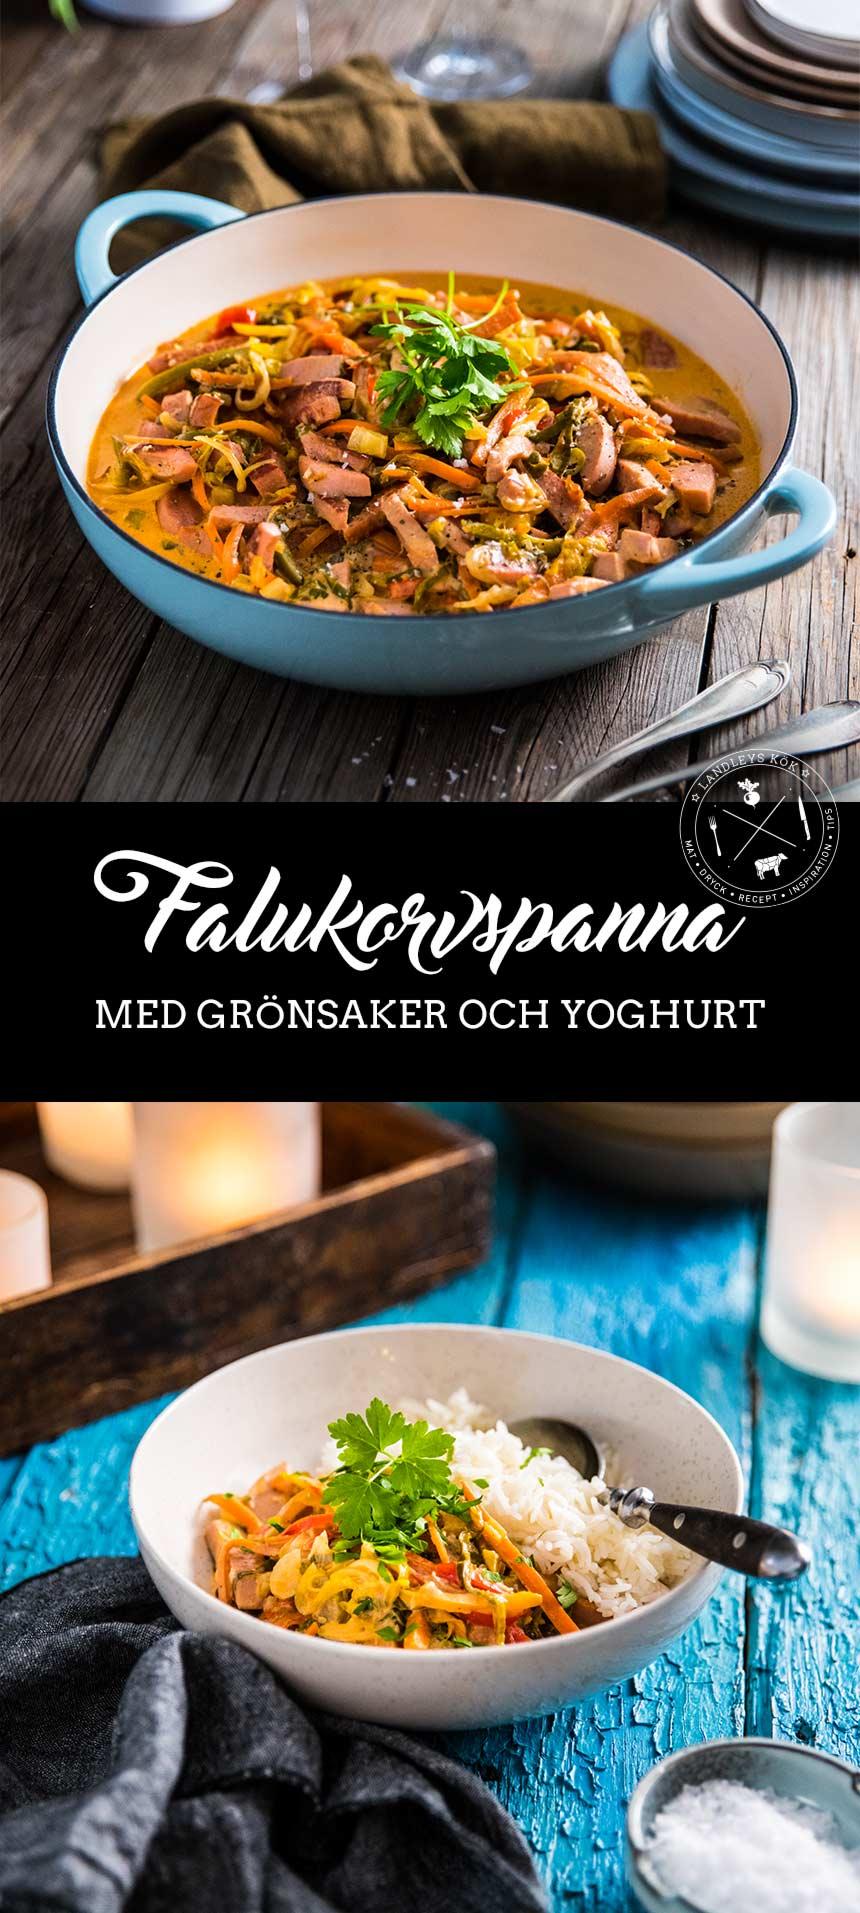 Falukorvspanna med grönsaker och yoghurt